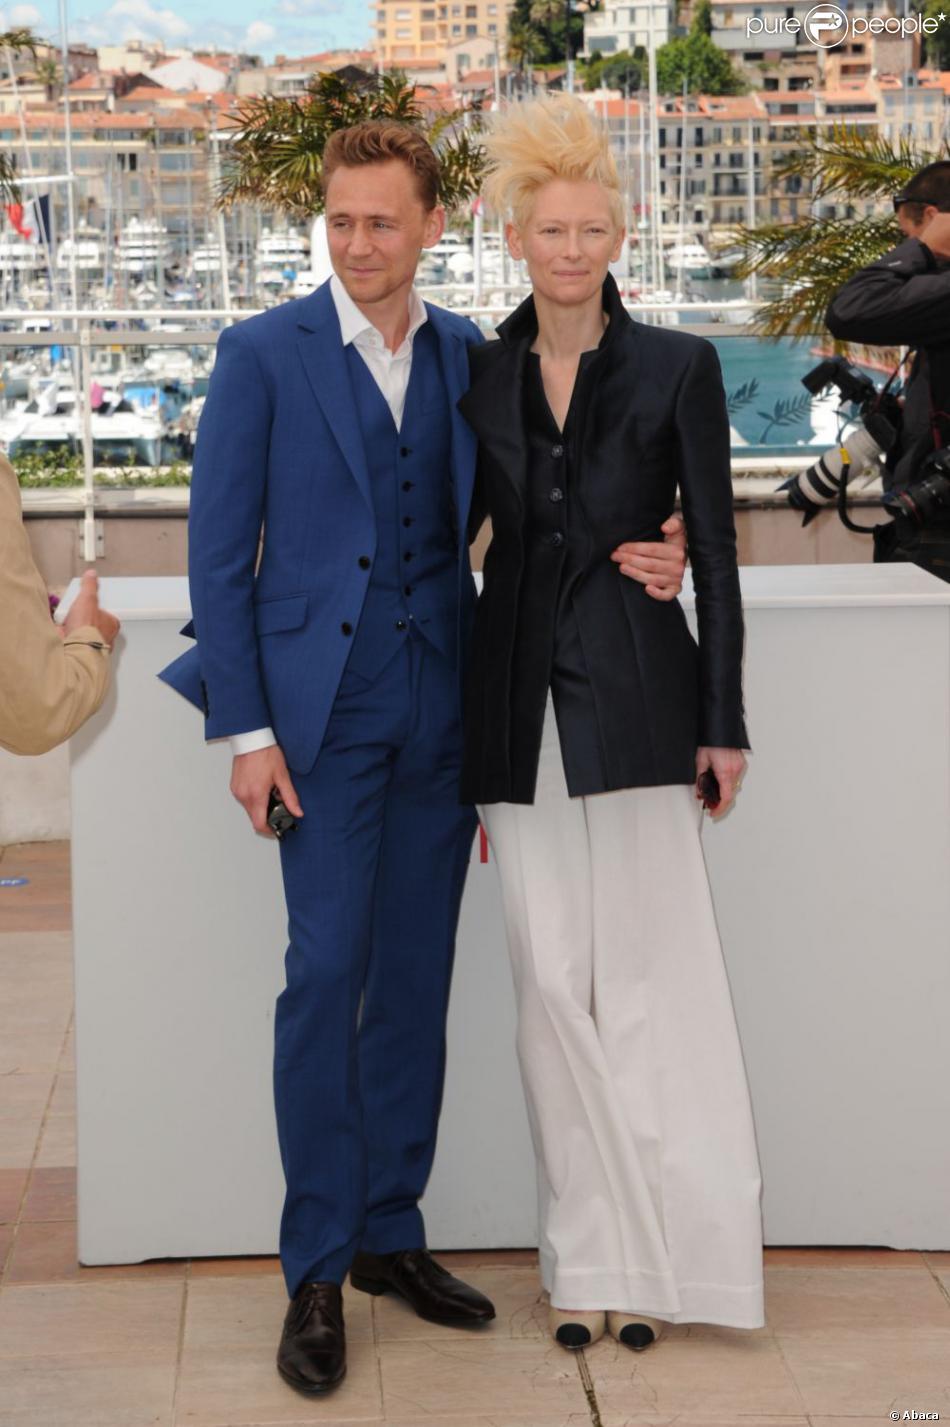 Tom Hiddleston et Tilda Swinton lors de la conférence de presse du film Only Lovers Left Alive au Festival de Cannes le 25 mai 2013